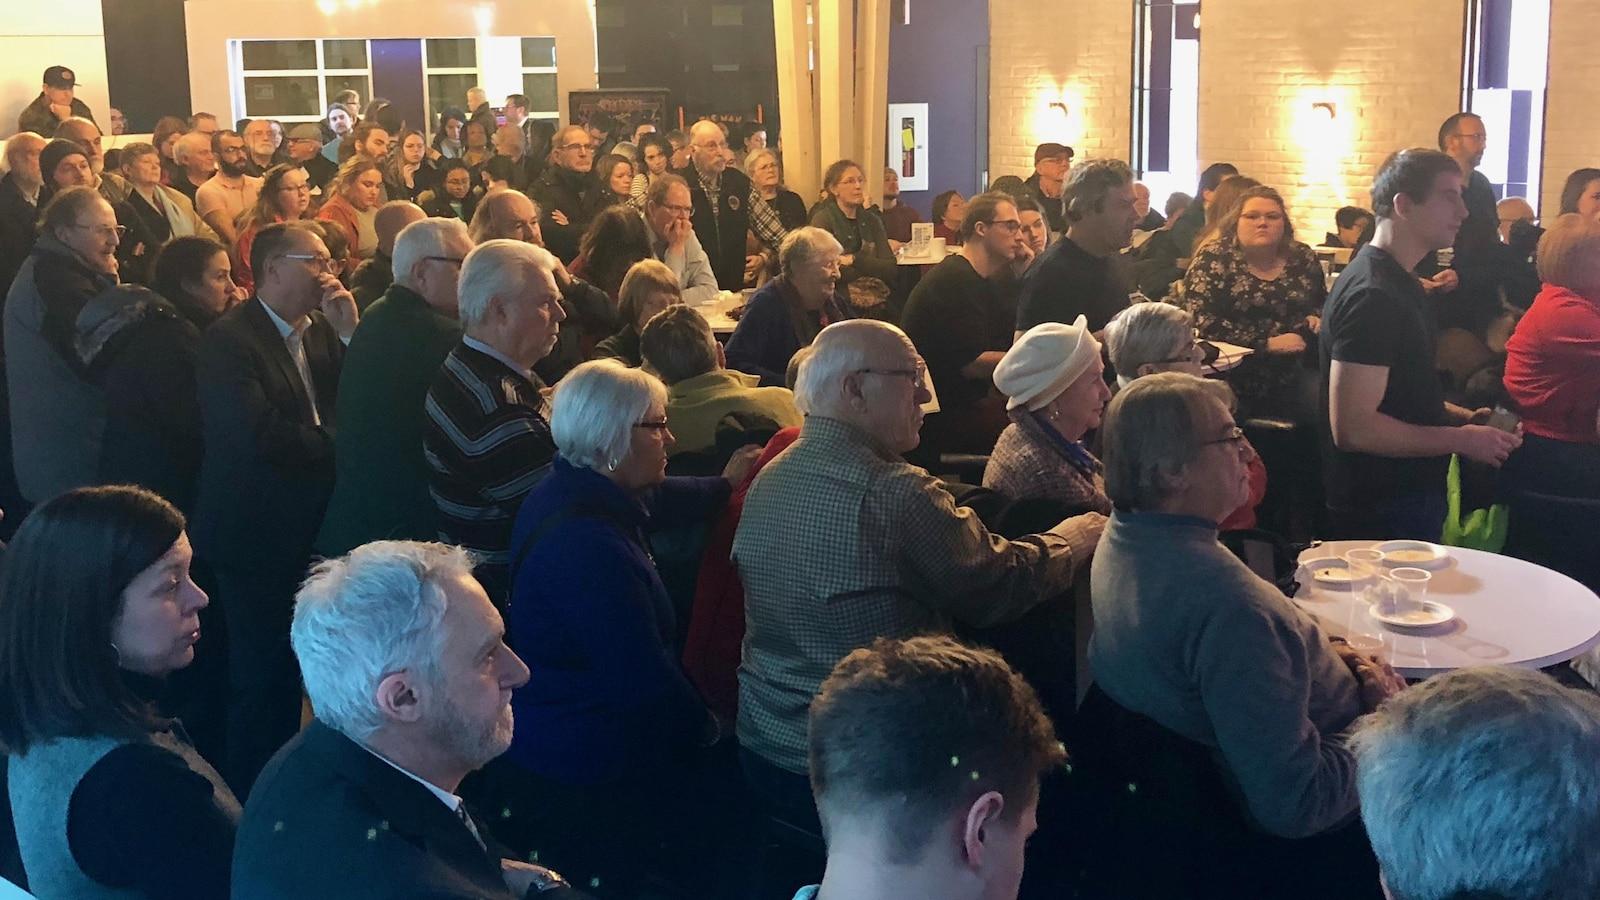 Environ 200 personnes ont participé à la discussion sur l'antibilinguisme au Nouveau-Brunswick. Parmi la foule, on comptait des sénateurs, des députés et des dirigeants d'associations et de groupes d'intérêt.